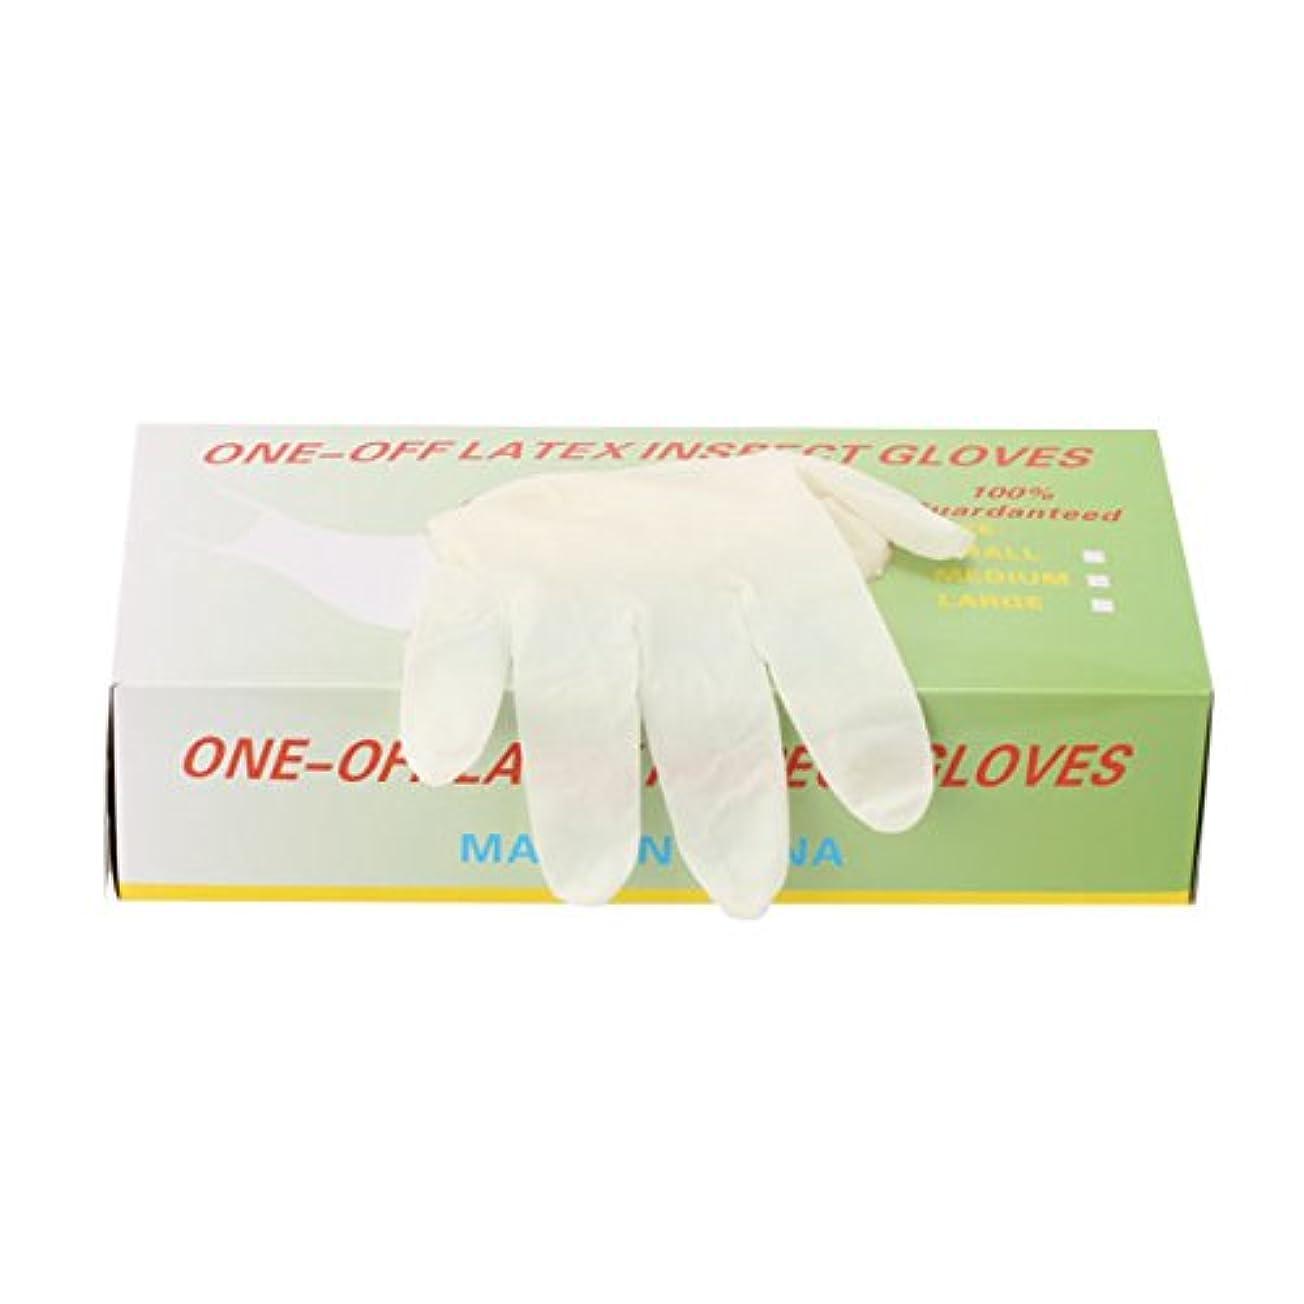 方向苗東パウダーフリー使い捨てゴム手袋 100枚入 全3種 Mサイズ [ 手袋 グローブ ゴム手袋 使い捨て手袋 使い捨てグローブ ]